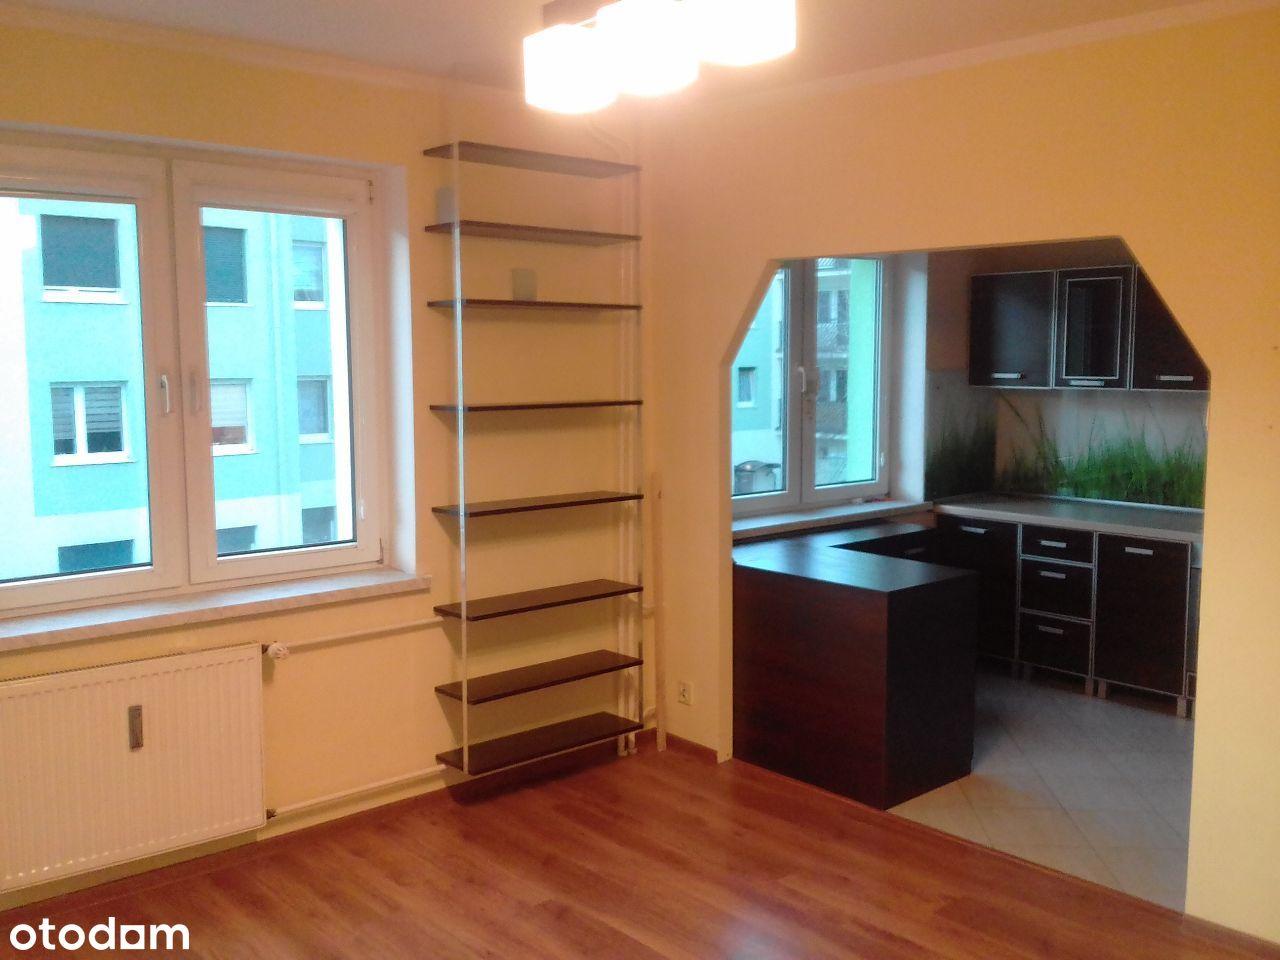 Mieszkanie, dwupokojowe - 47m2, Koniuchy.